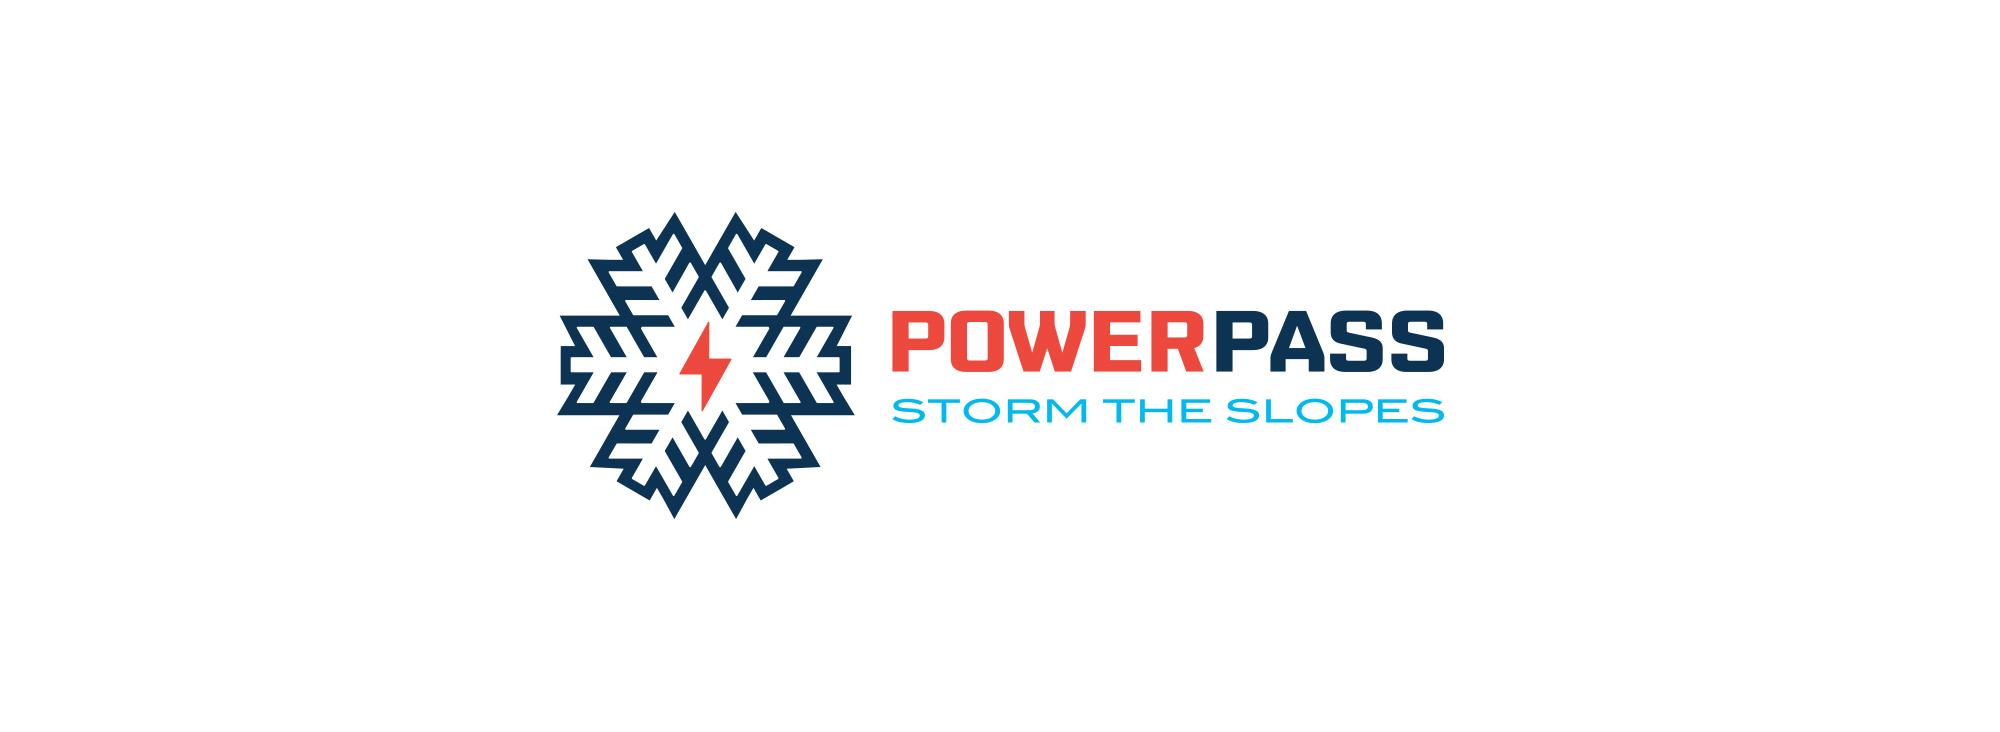 powerpass_LOGO